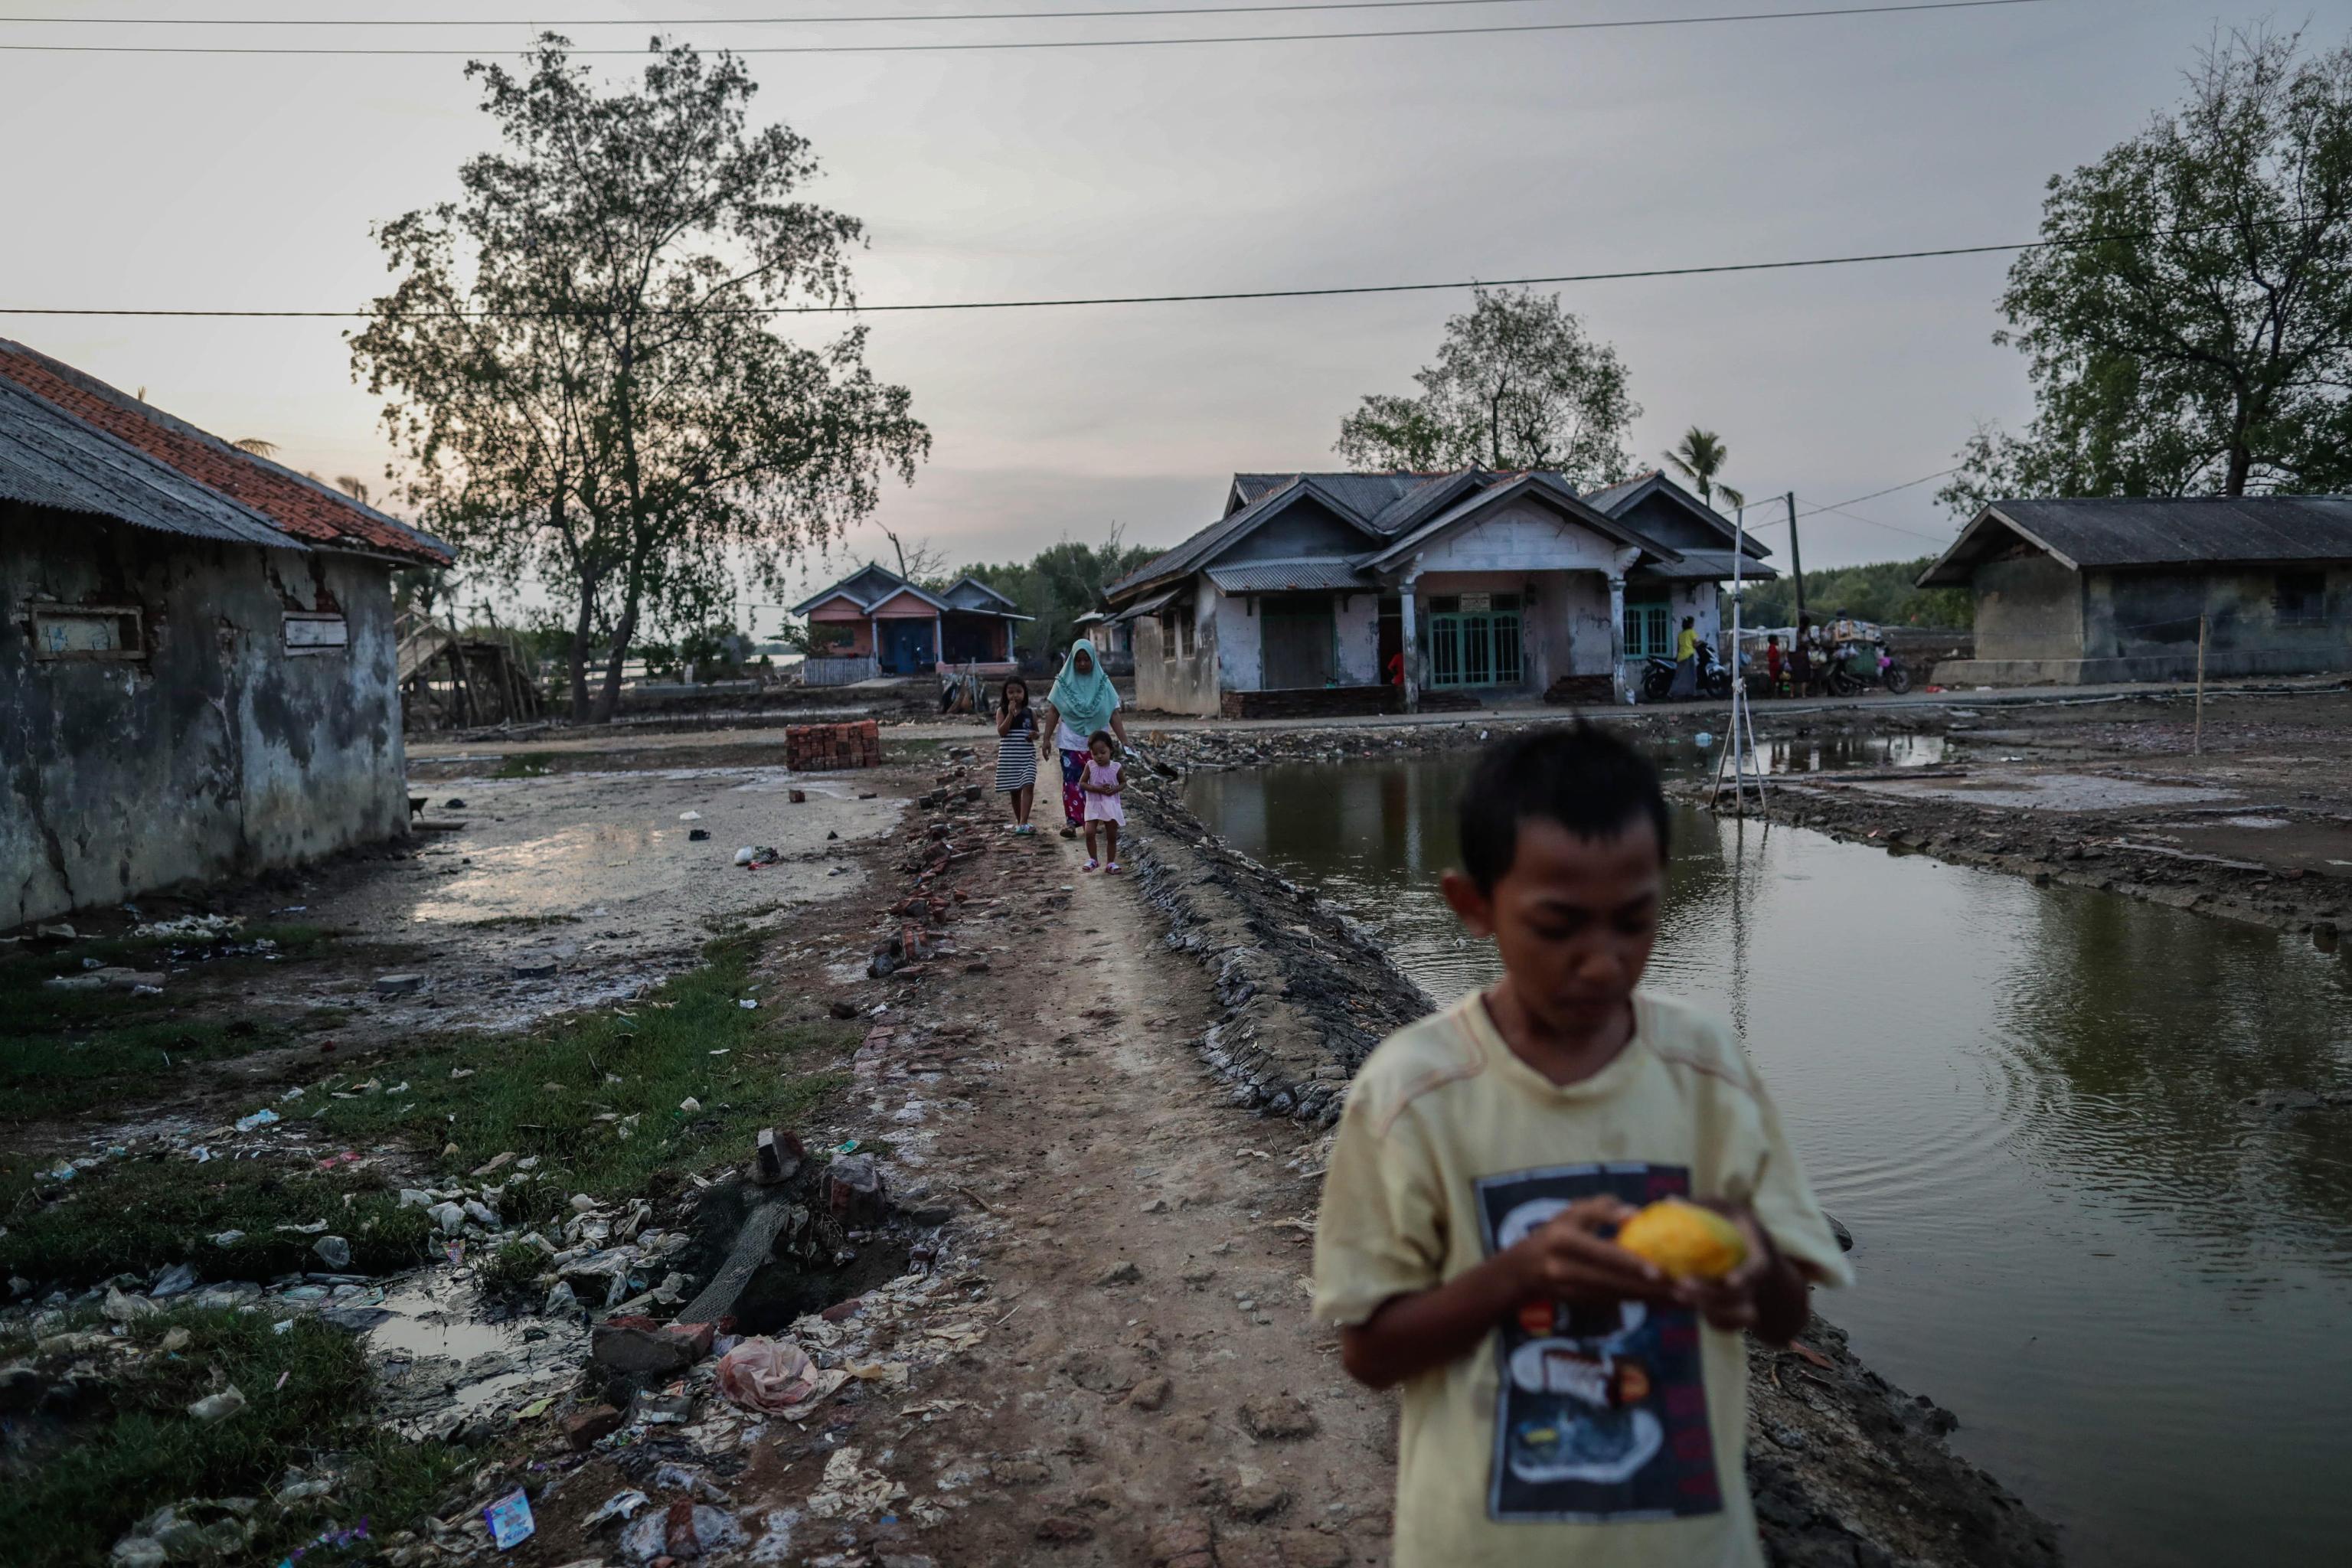 Così il villaggio di Pantai Bahagia rischia di scomparire